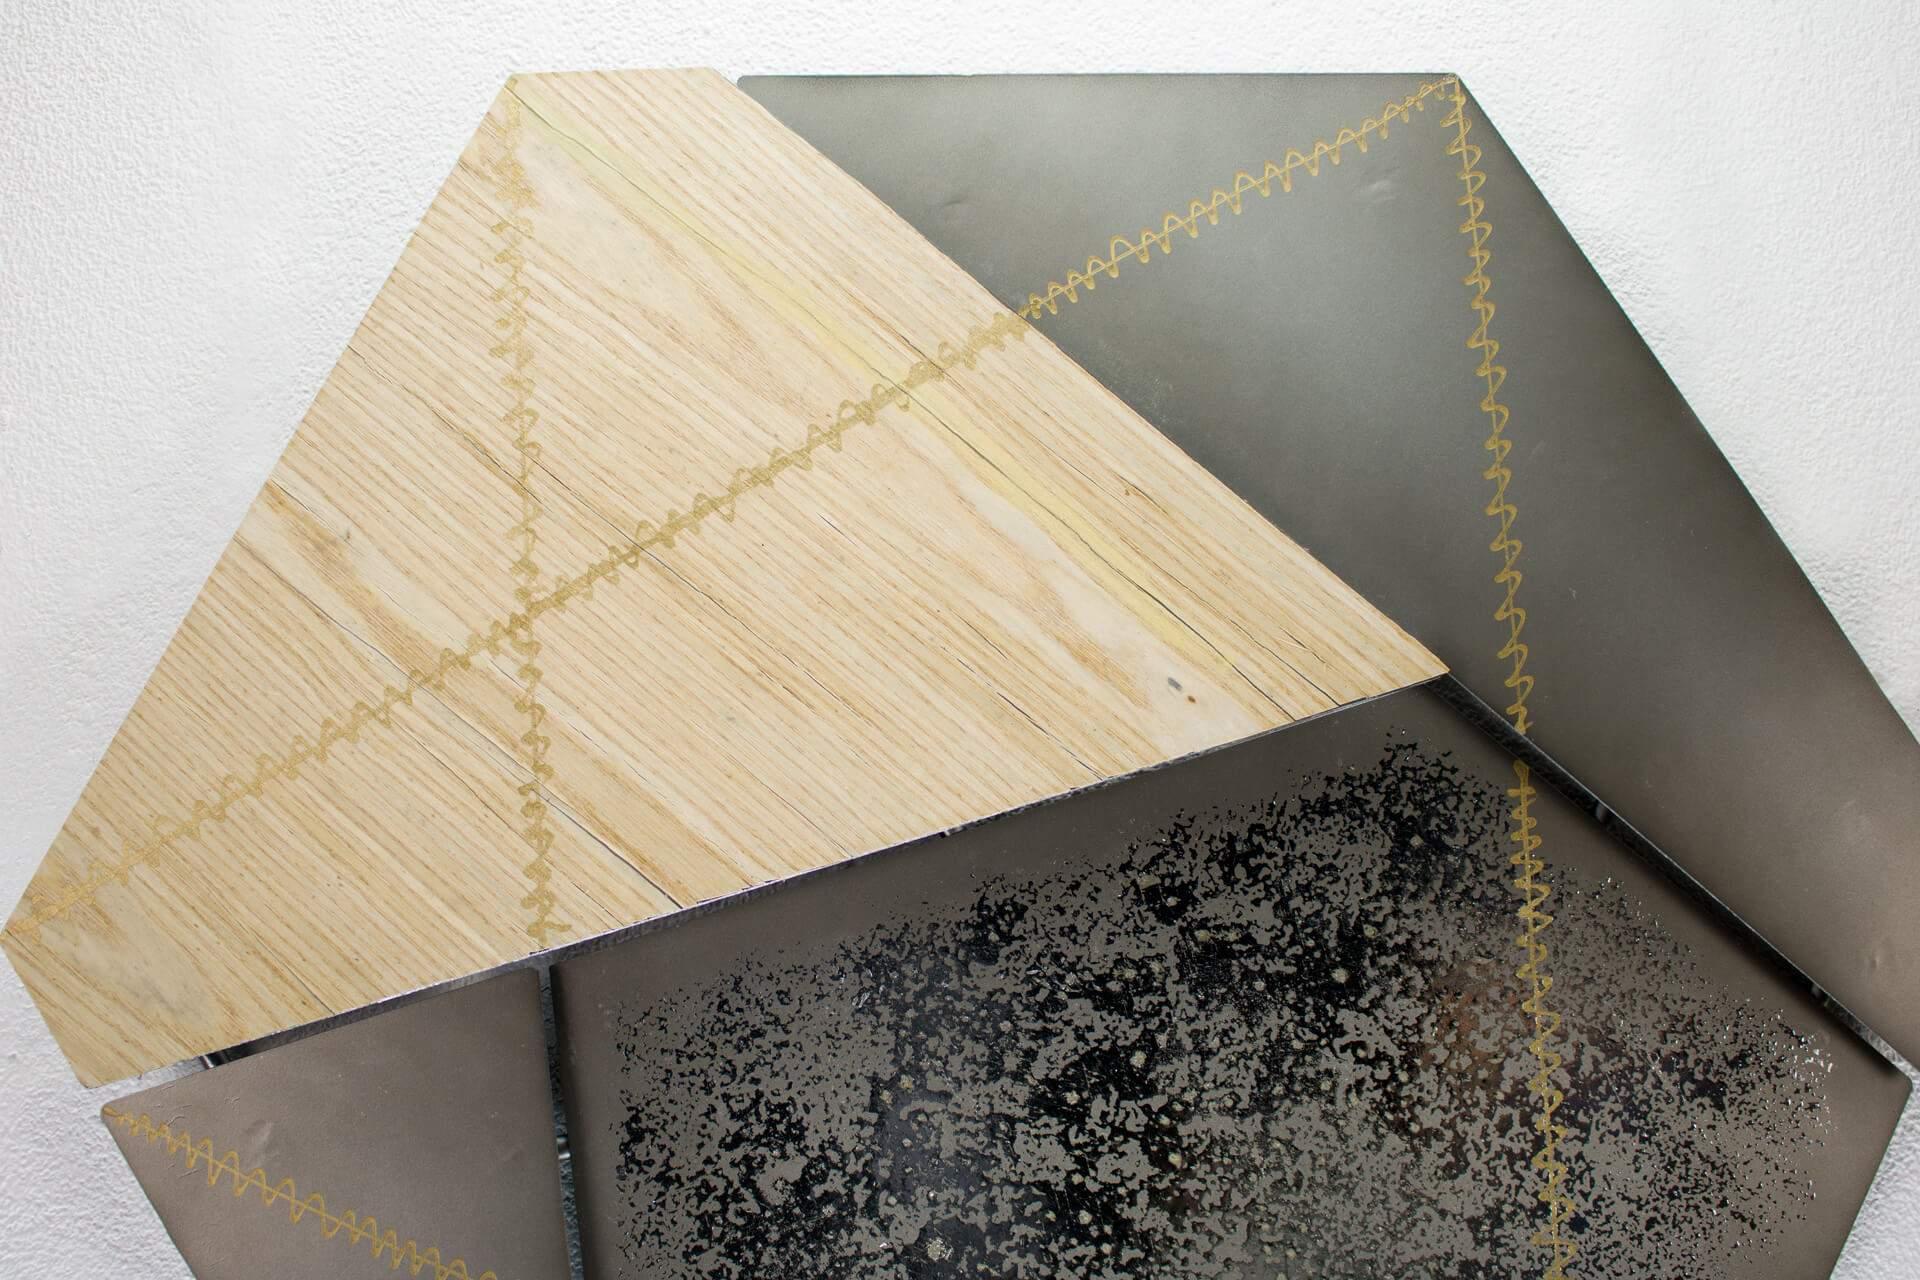 KL abstrakt fuenfeck gelb grau wanddeko metall wandskulptur wandbilder aus metall 08